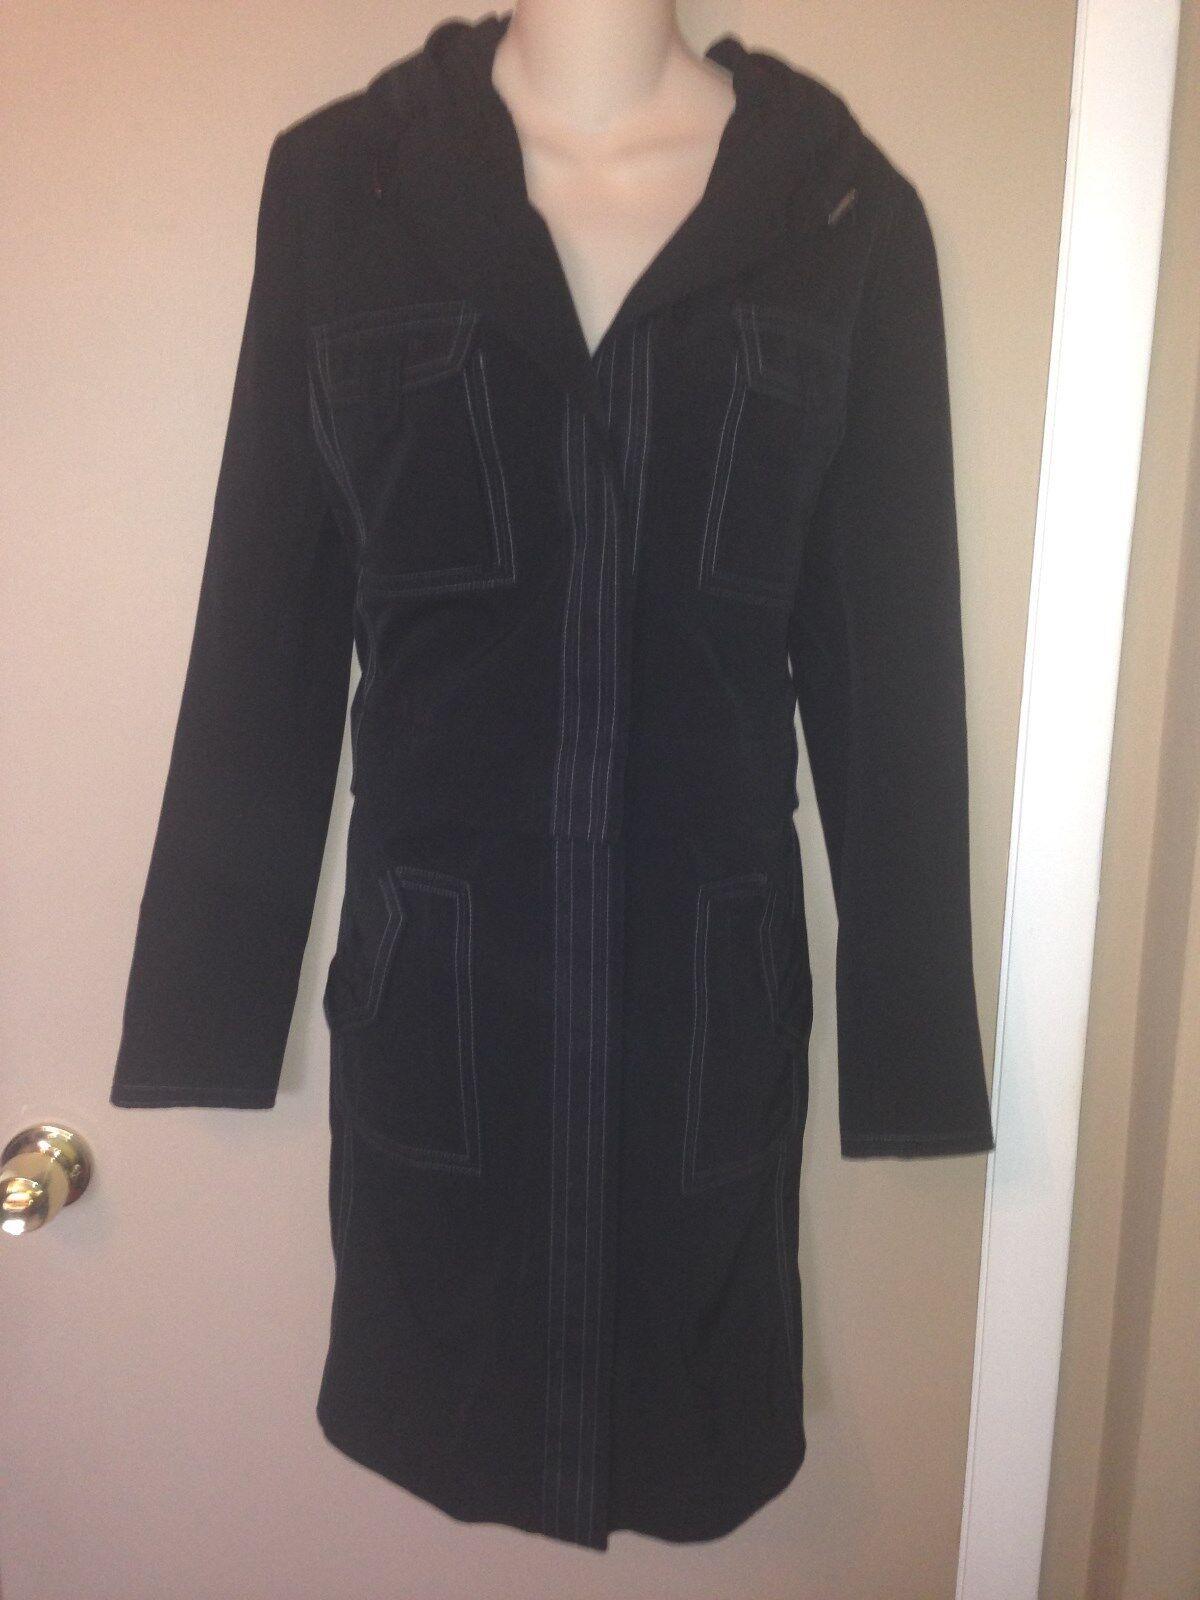 ELIE TAHARI  Converdeible Damas Abrigo Chaqueta Negra Con Capucha Talla M  autorización